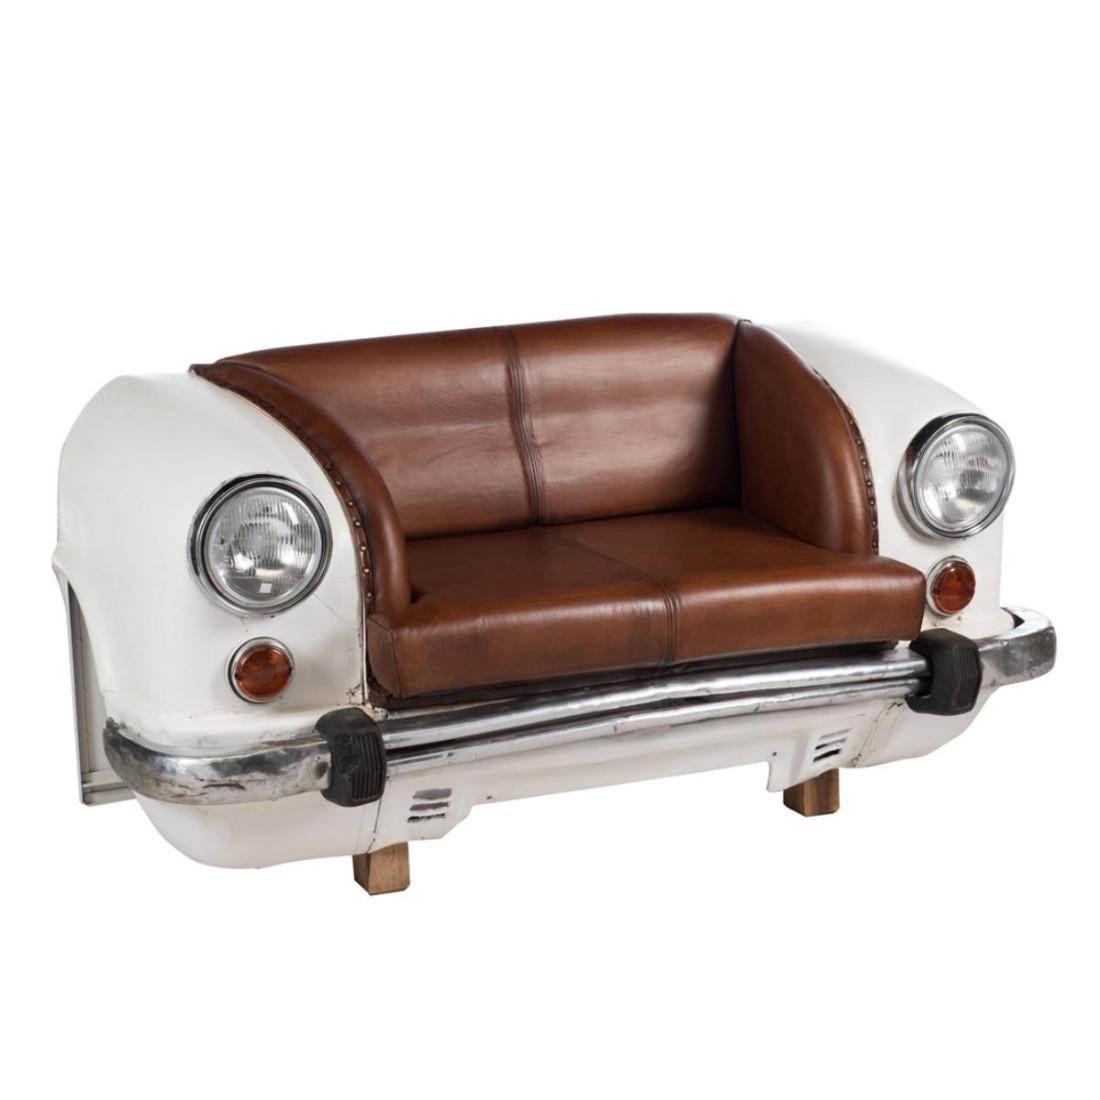 Canap voiture m tal cuir tacots univers du salon for Salon cuir voiture